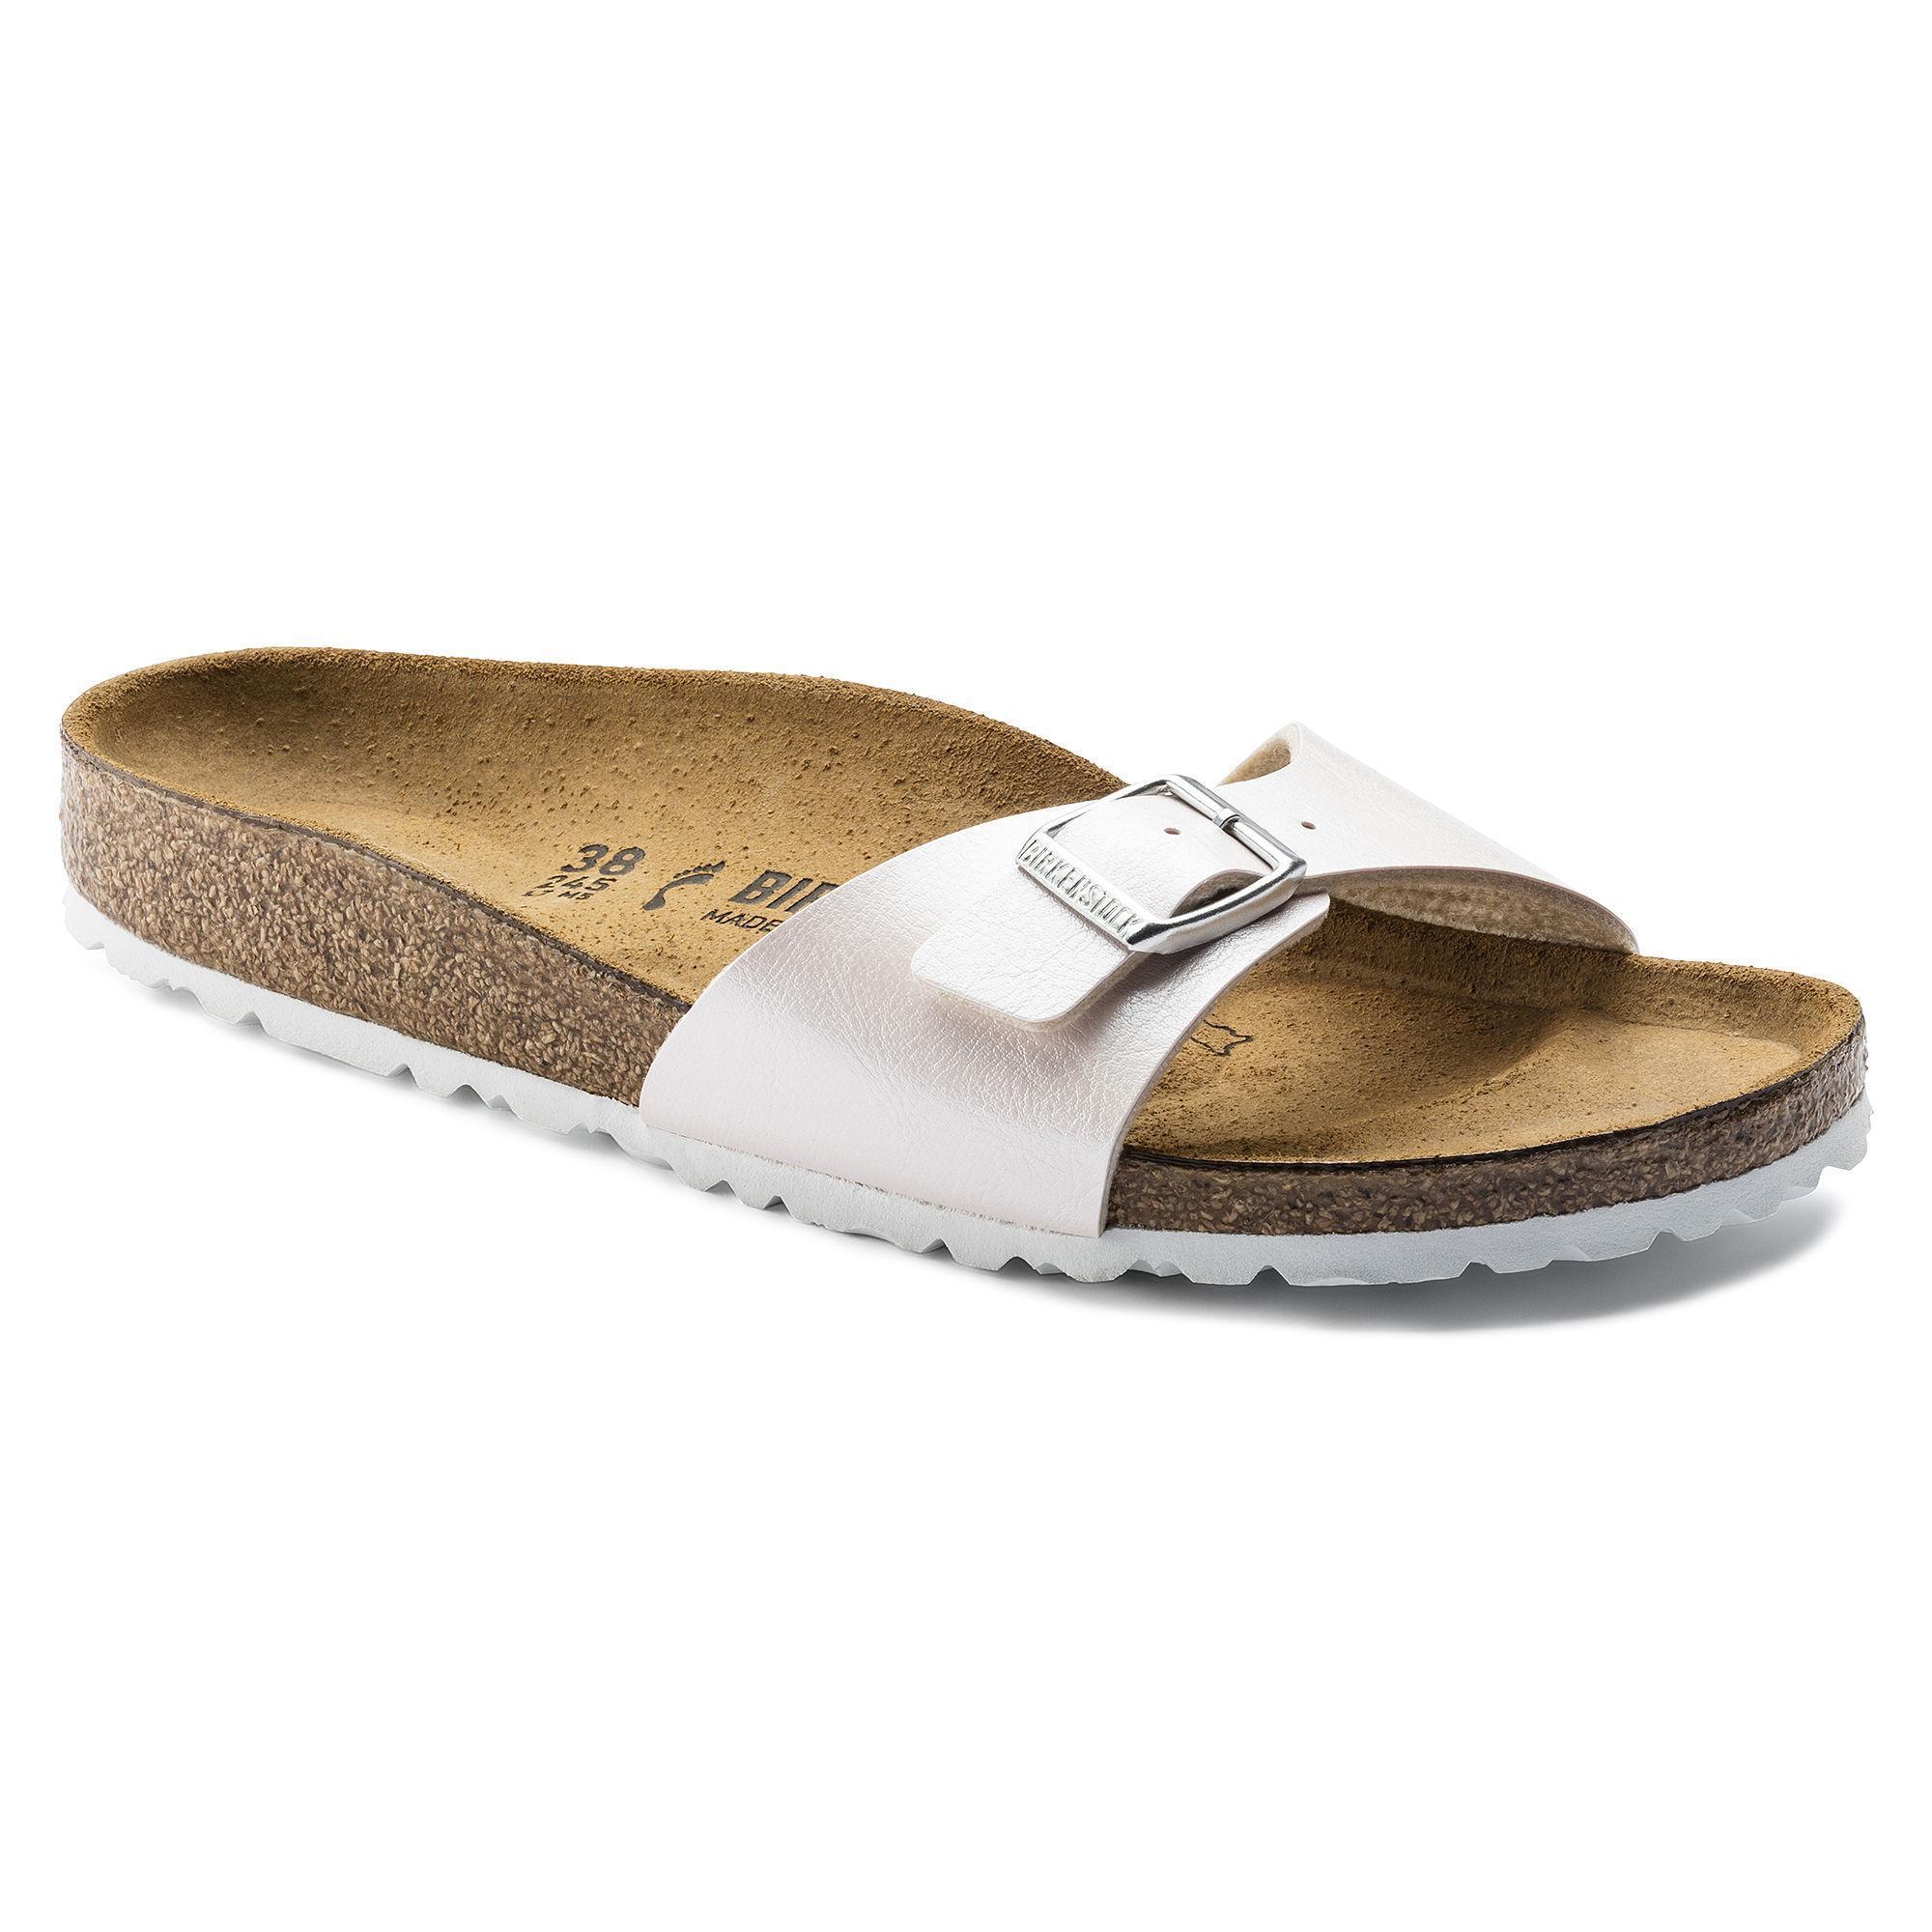 19beb1657216c2 Birkenstocks Women Madrid Birko-Flor Graceful Mauve Summer sandals fashion  slippers